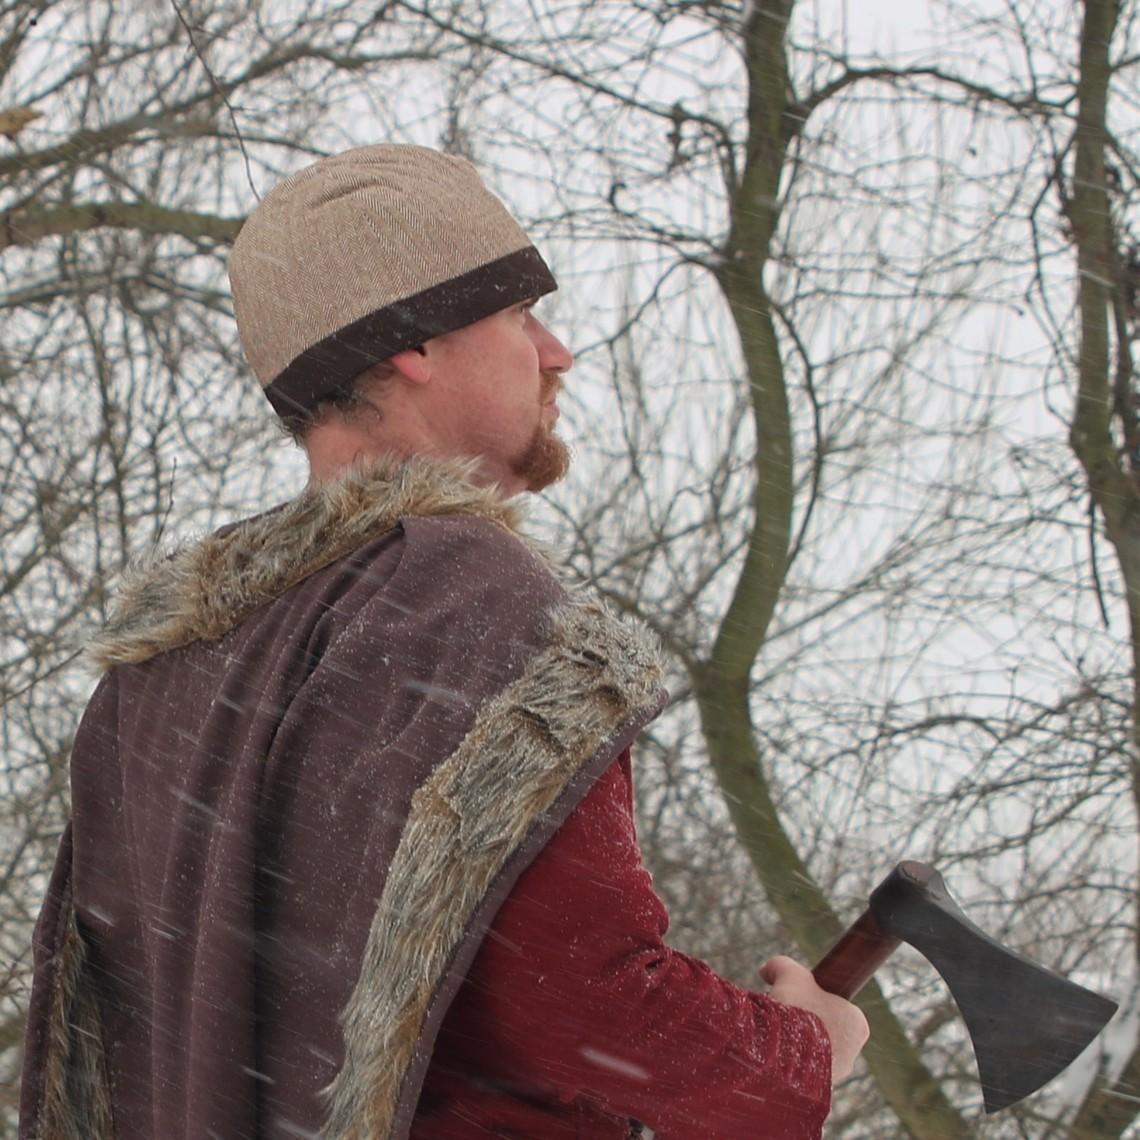 Birkamuts vissegraatmotief, bruin